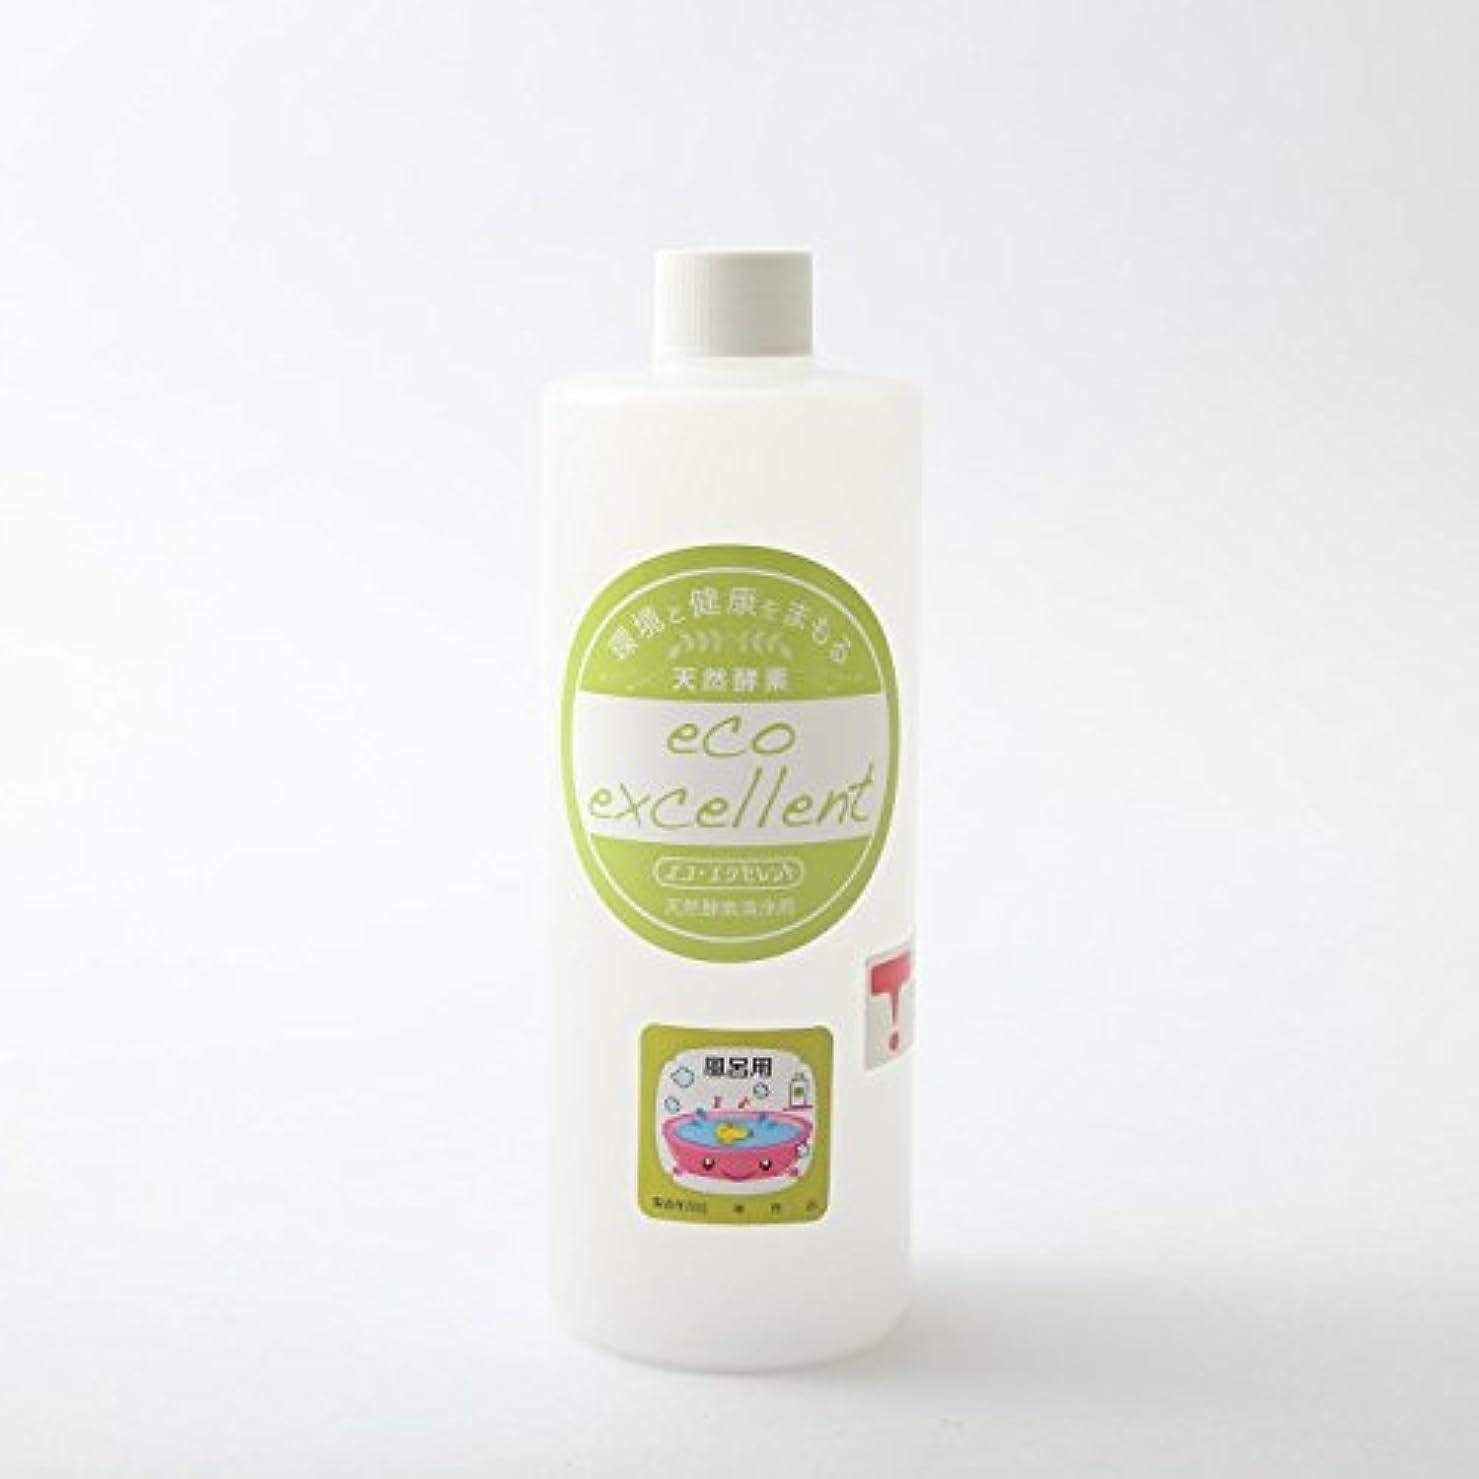 へこみバージンベルベット天然酵素洗浄剤 エコエクセレント風呂用